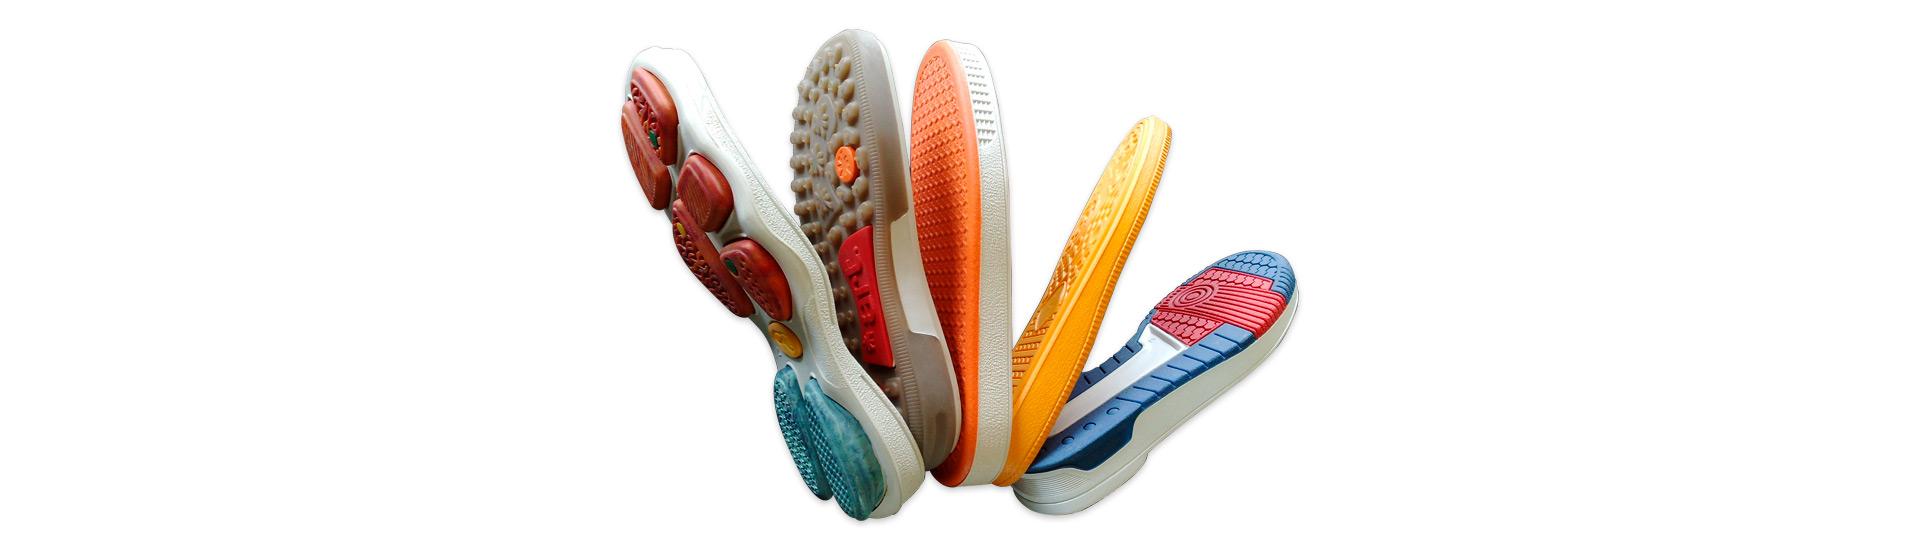 productos-multicolor-1